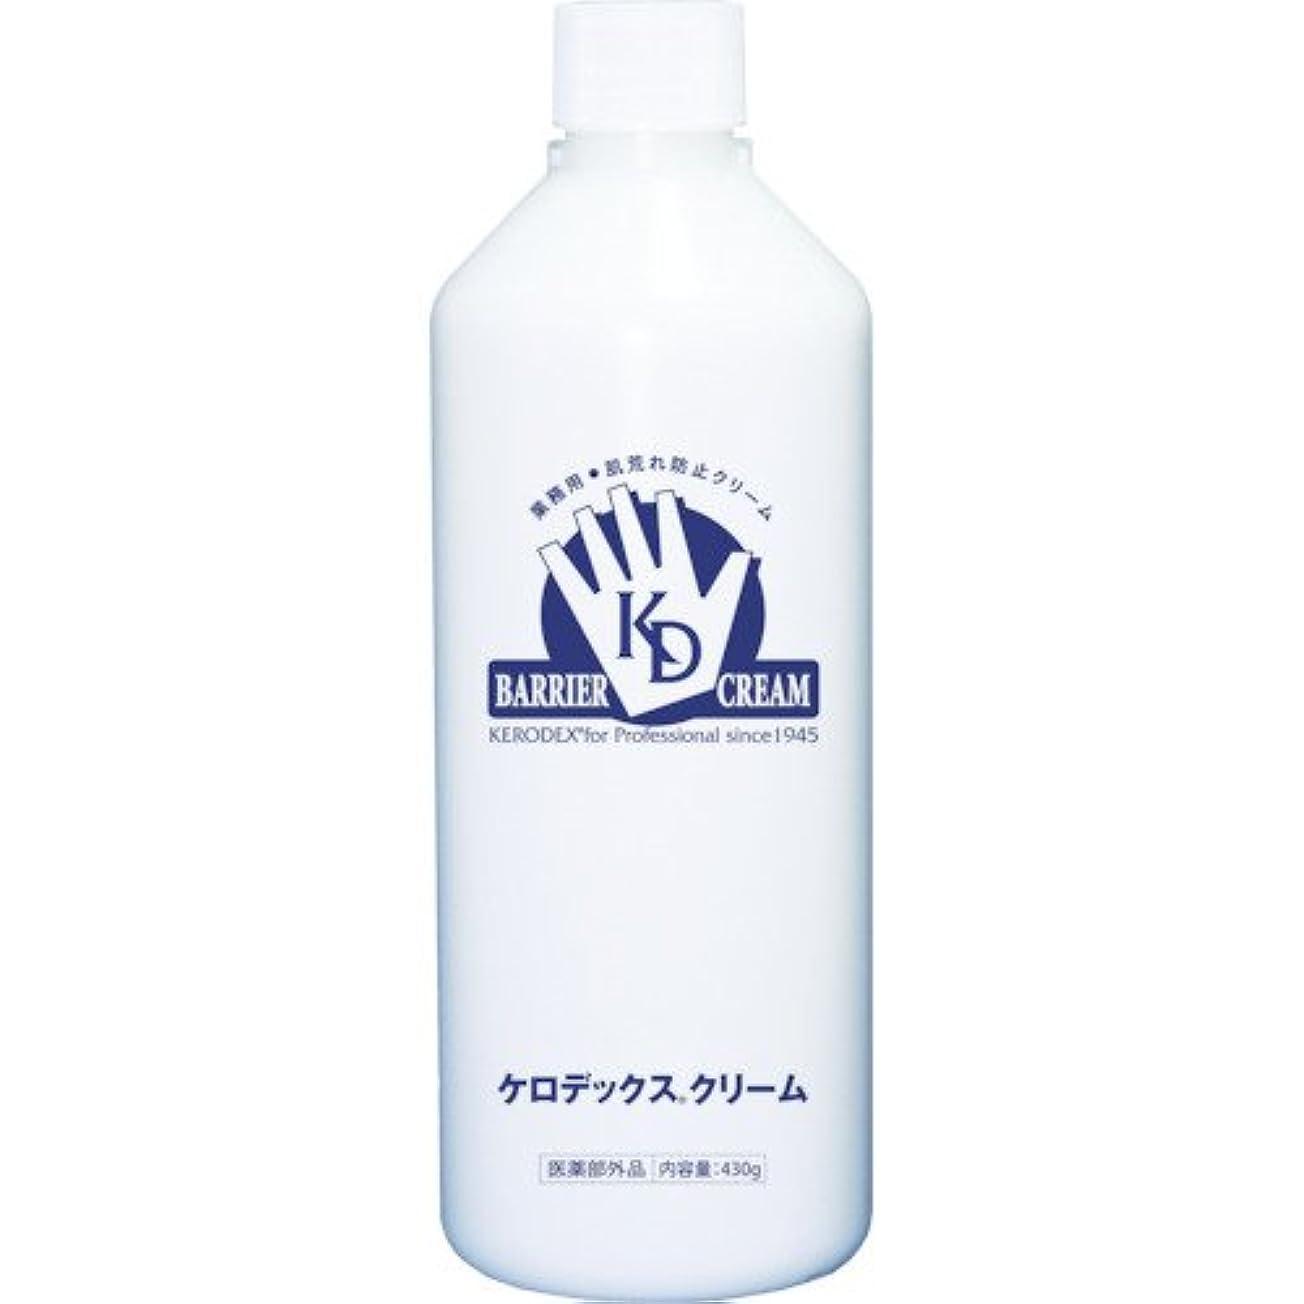 届ける誇り領事館ケロデックスクリーム ボトルタイプ 詰替用 430g